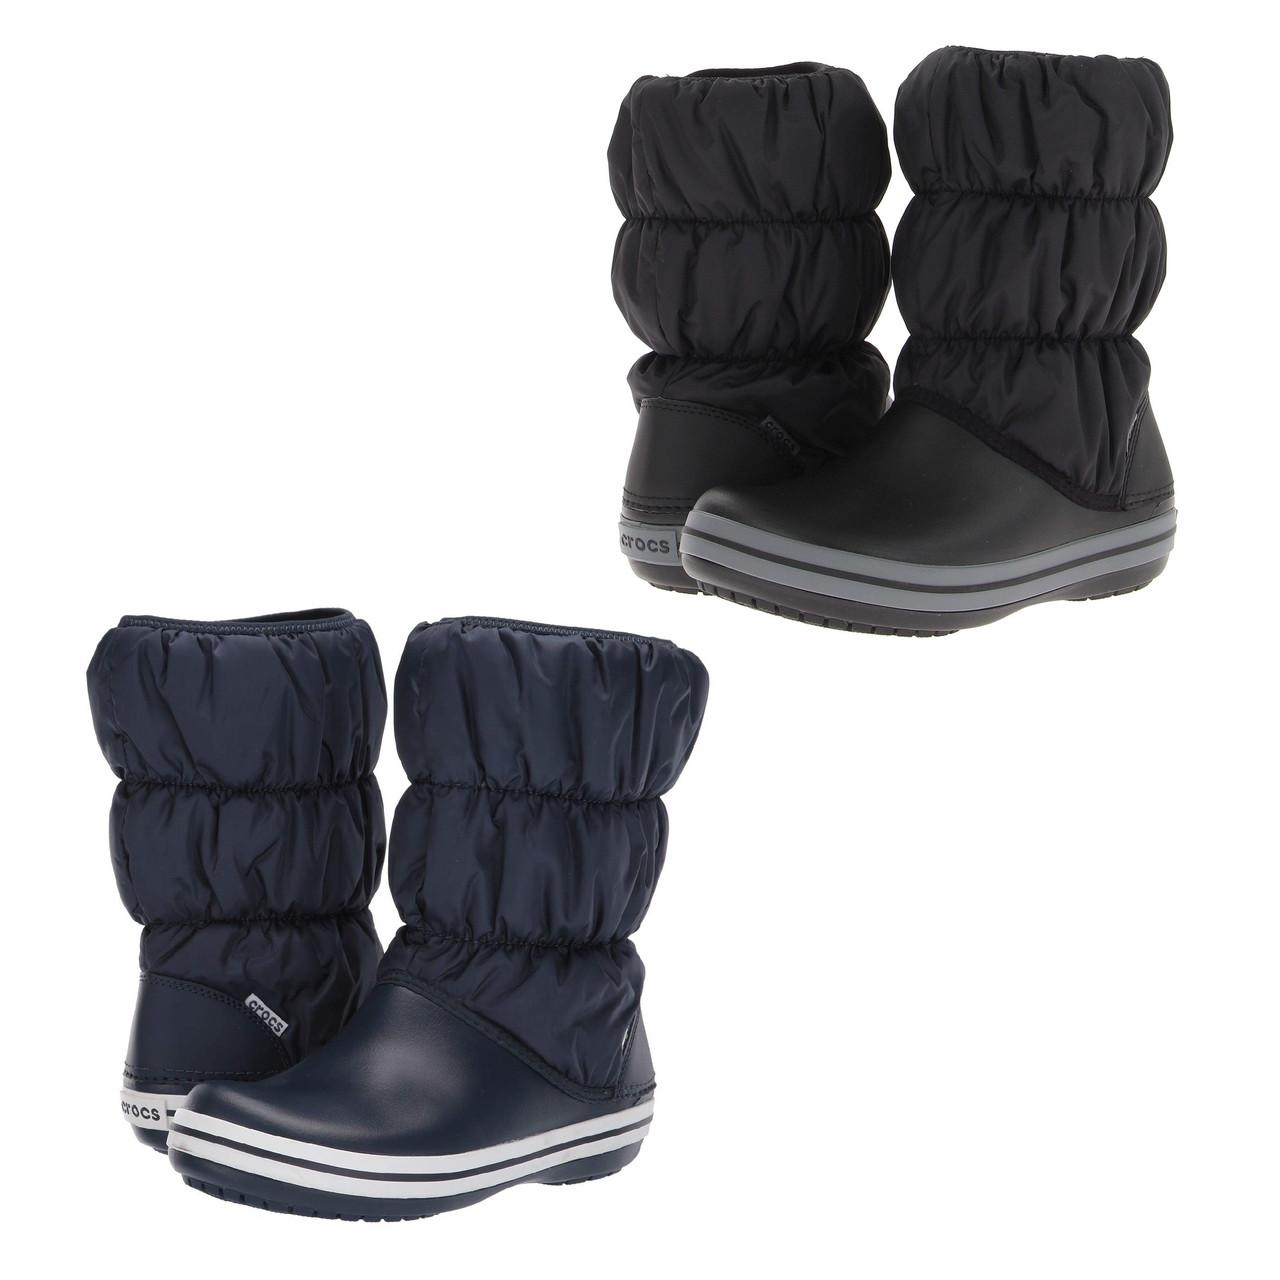 Сапоги зимние унисекс Crocs Winter Puff Boot / сноубутсы непромокаемые дутики